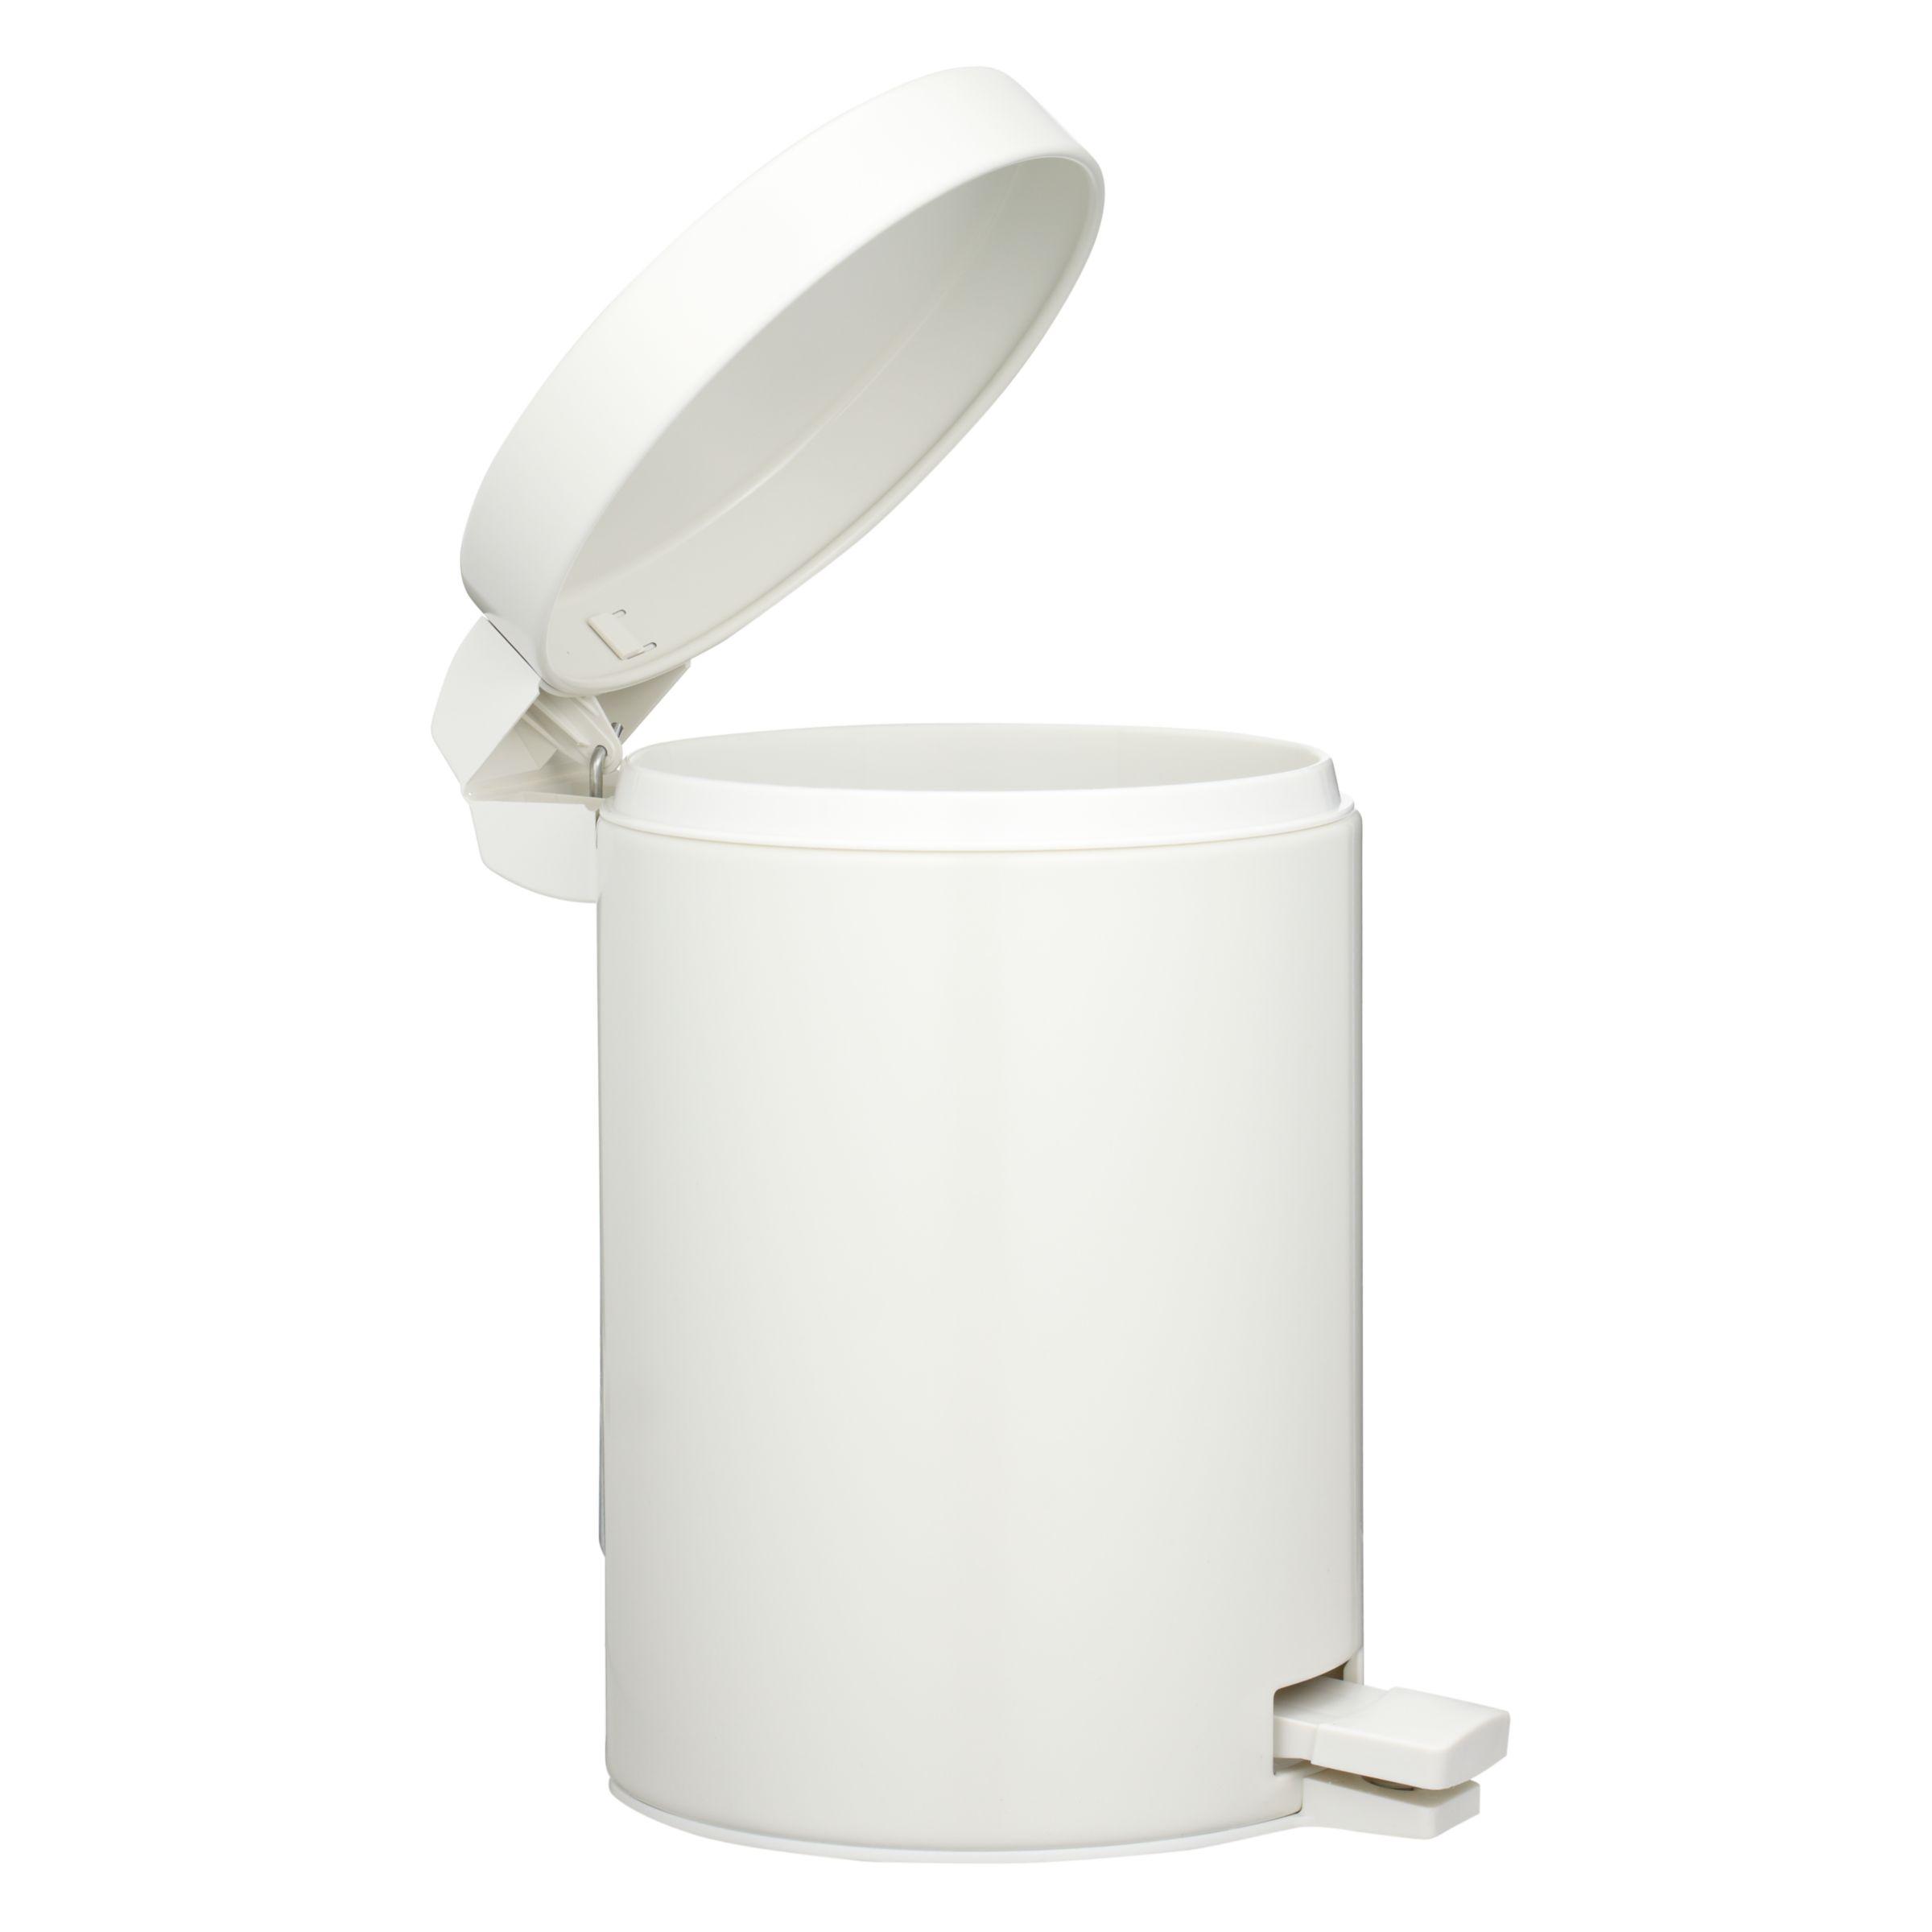 Pedal Bin, White, 3L 149347